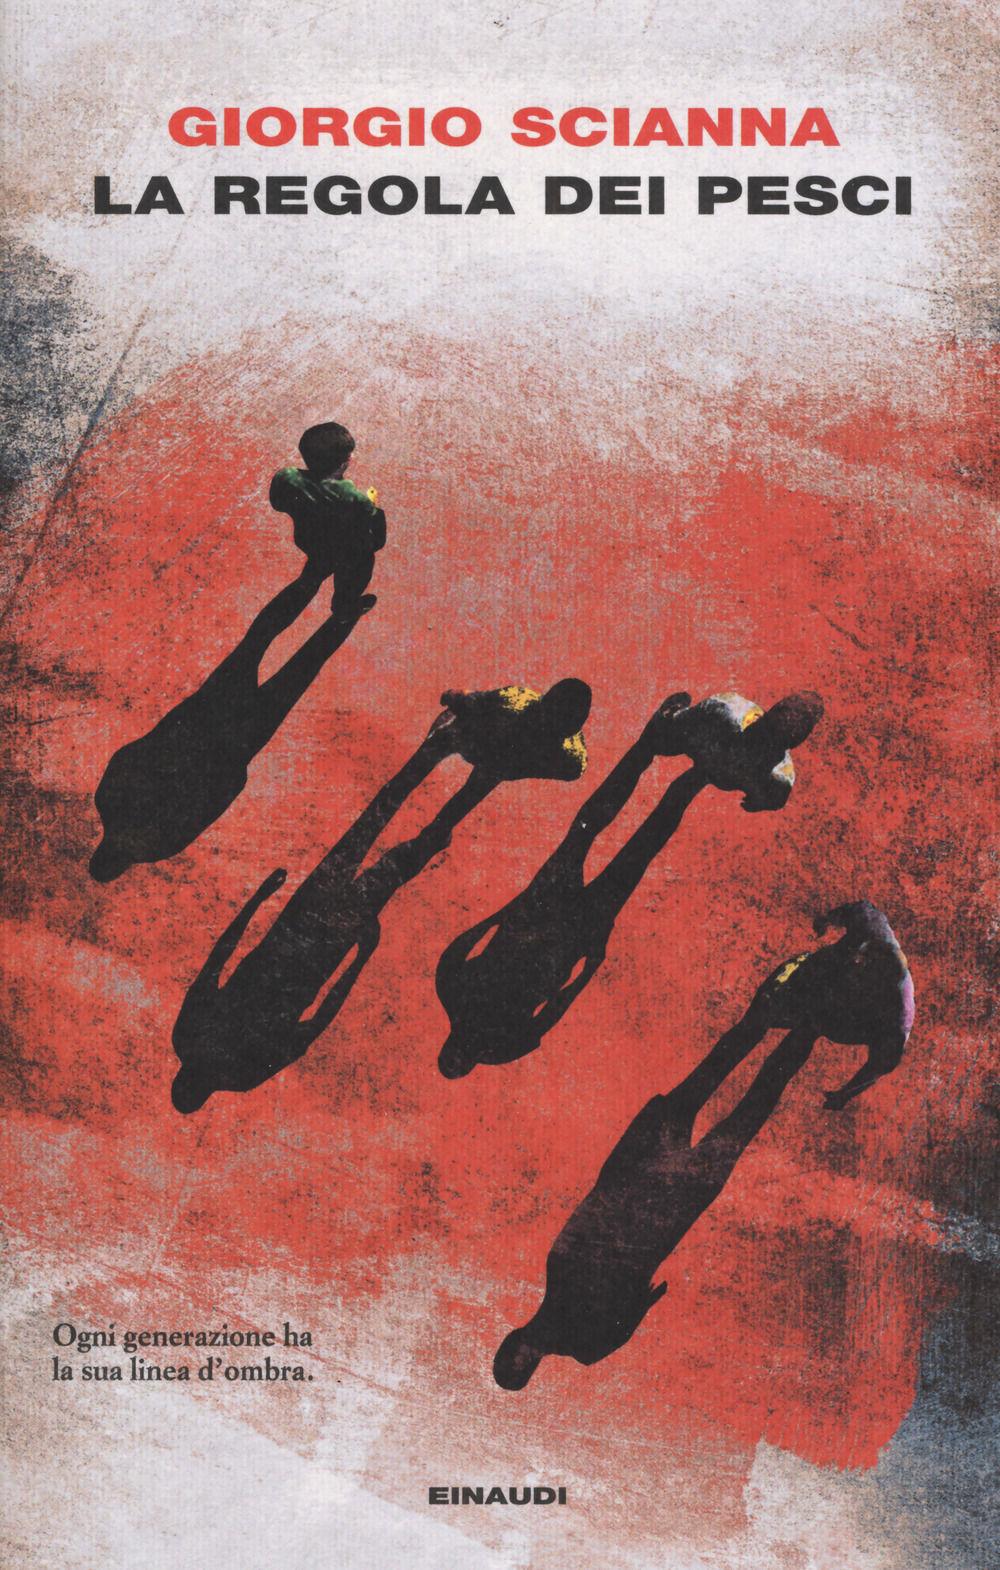 Risultati immagini per giorgio scianna regola